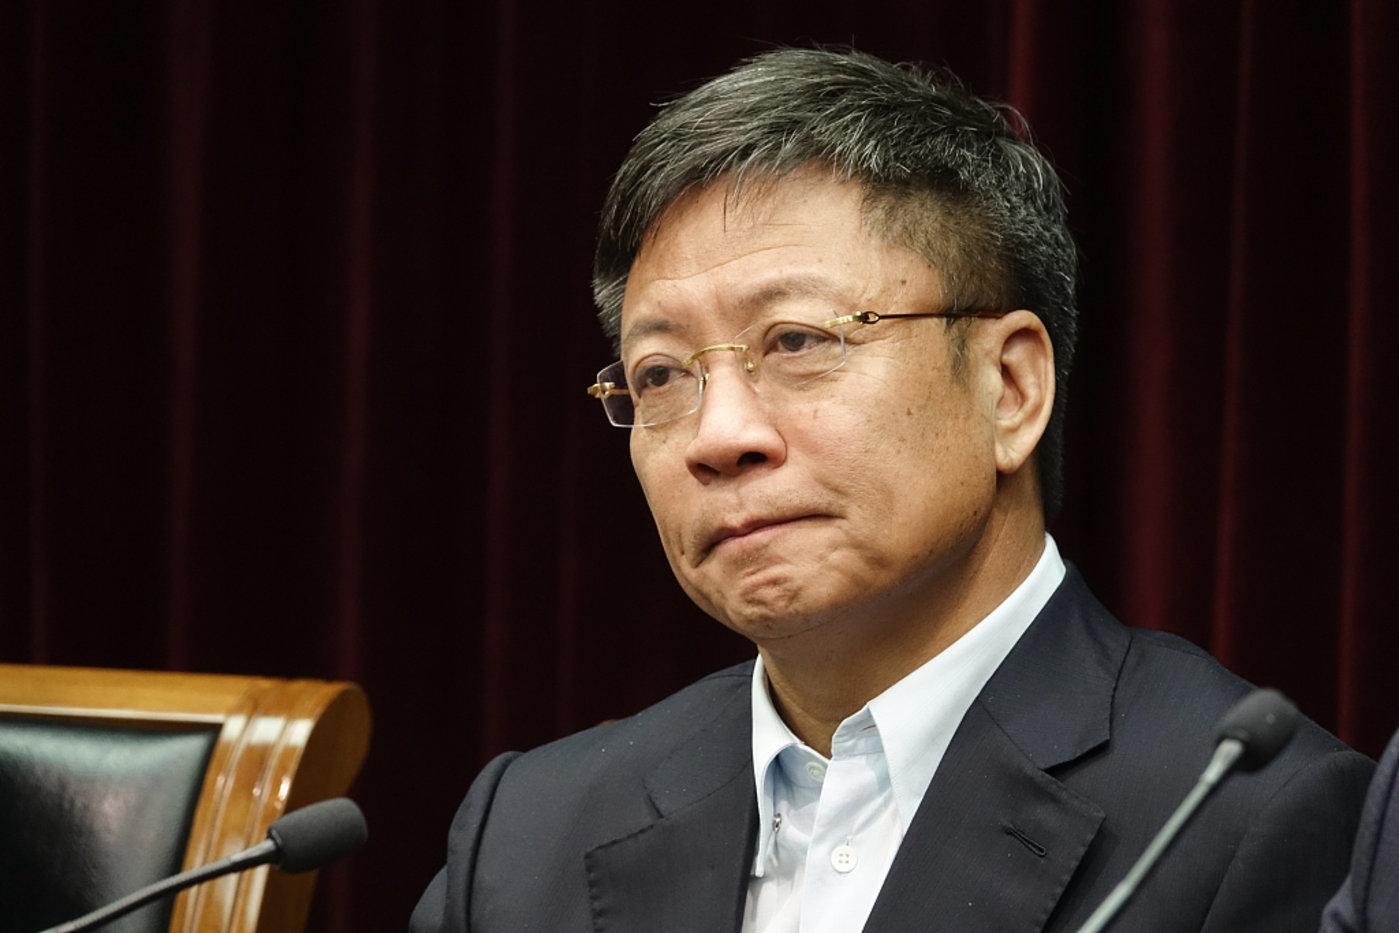 200億進軍會展康養,孫宏斌說已經很克制了